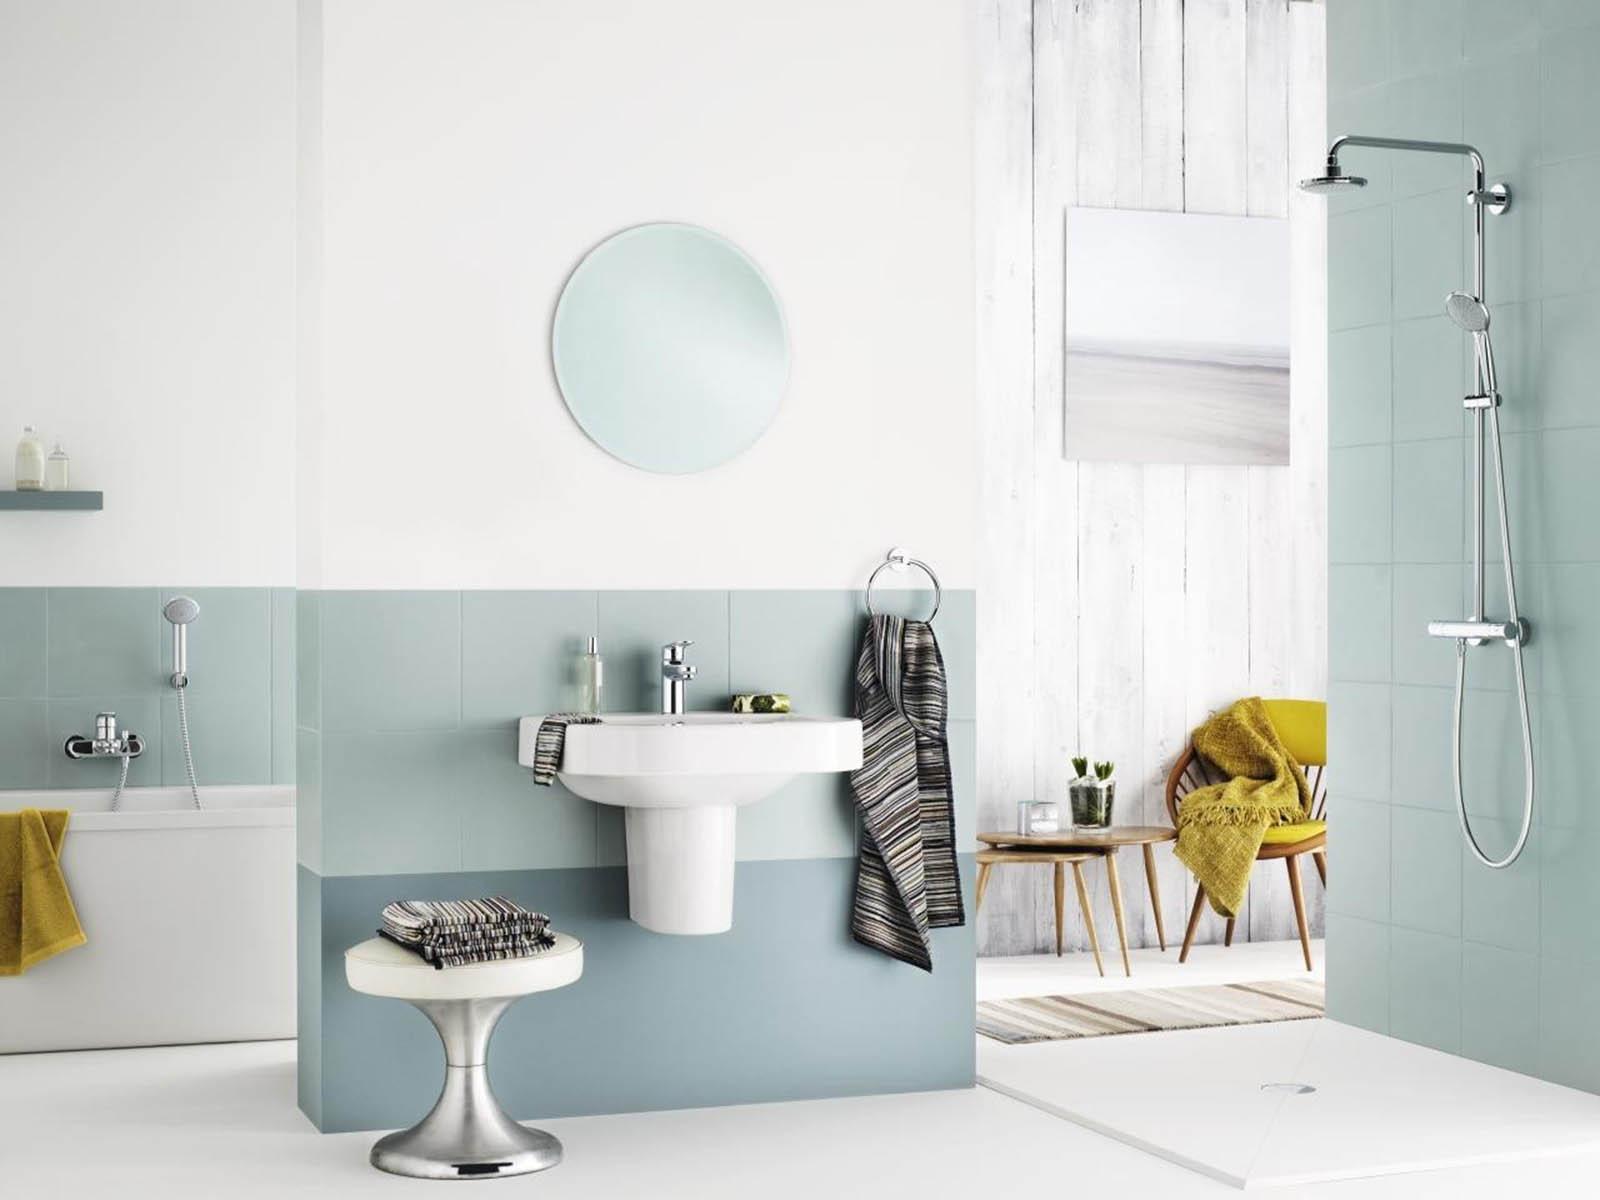 bois ou carrelage pour le sol de la salle de bain viving. Black Bedroom Furniture Sets. Home Design Ideas